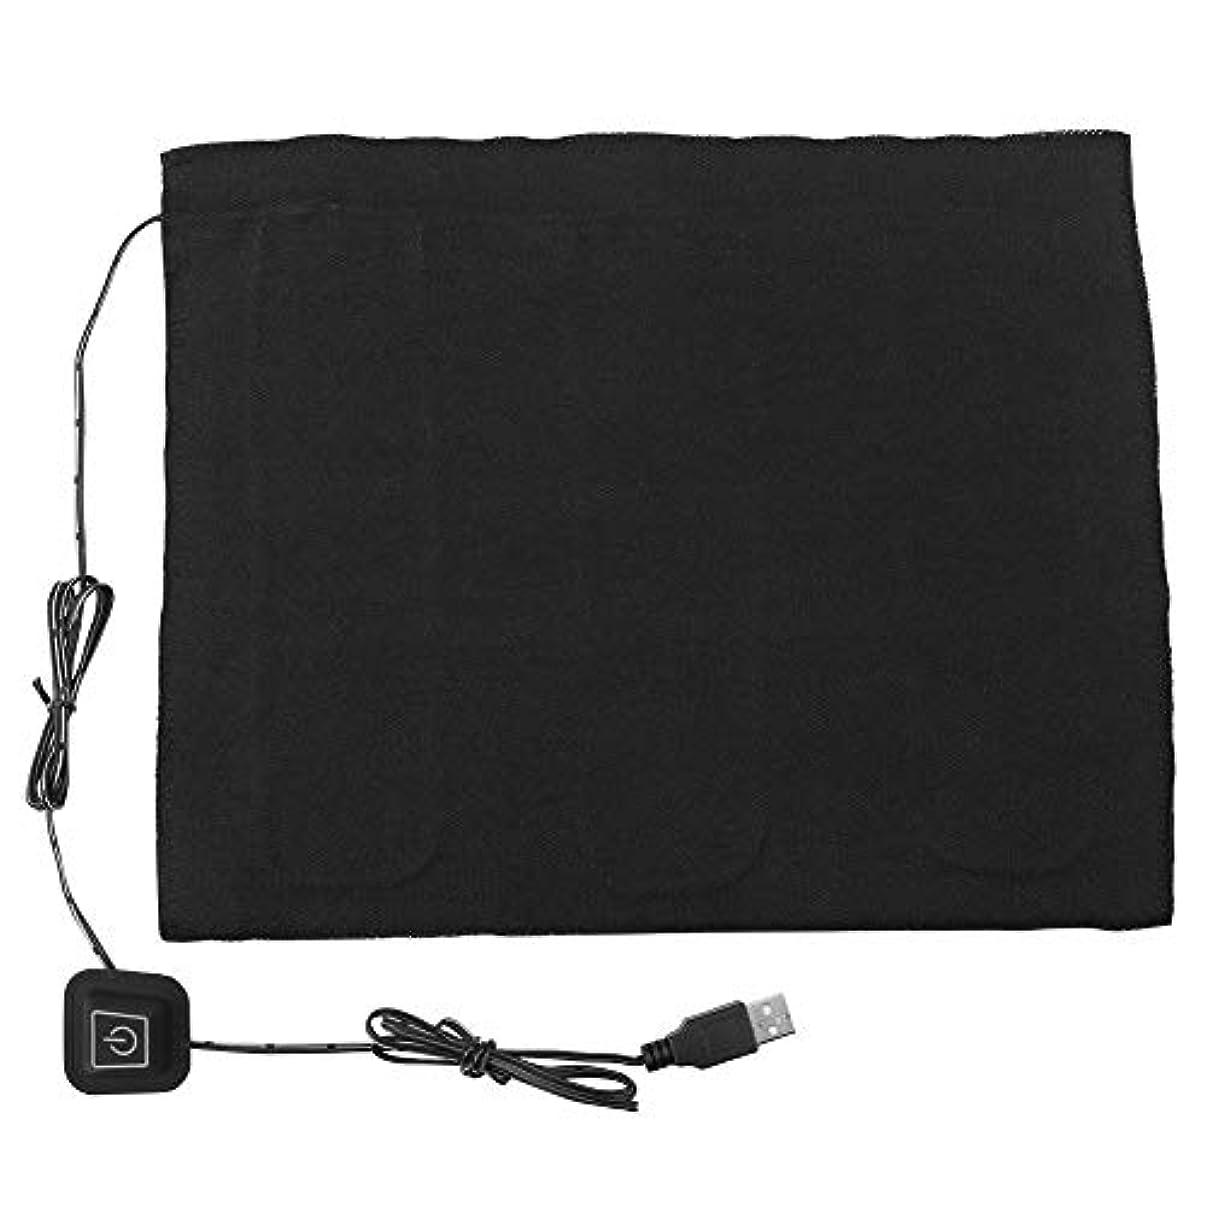 つば上院時代遅れ電気布ヒーターパッド、首の腹部の腰部加熱、加熱パッドペットウォーマー用DC 5 v 3シフトUSB発熱体